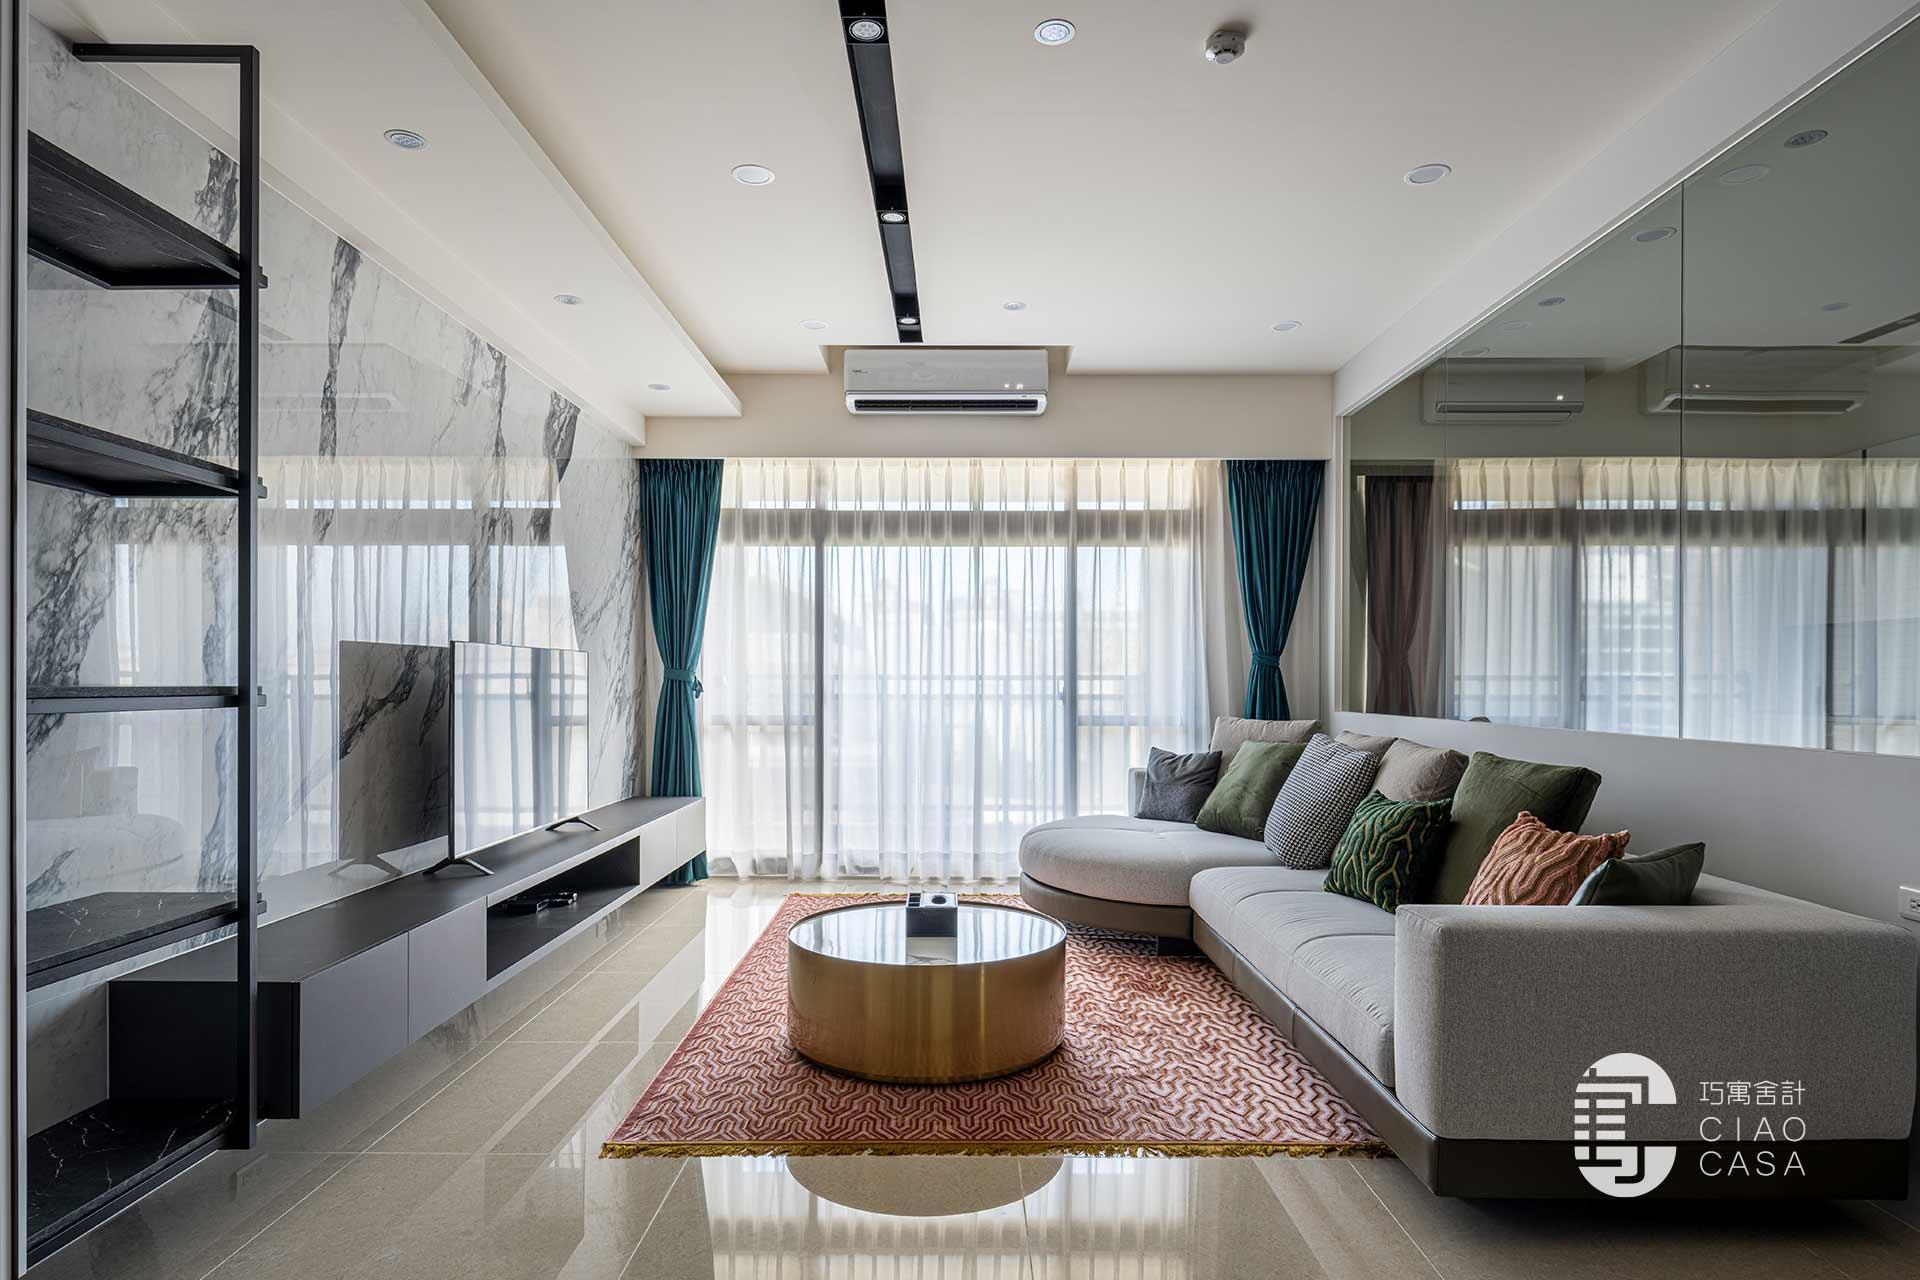 116坪現代風|溫暖透天宅,室內設計